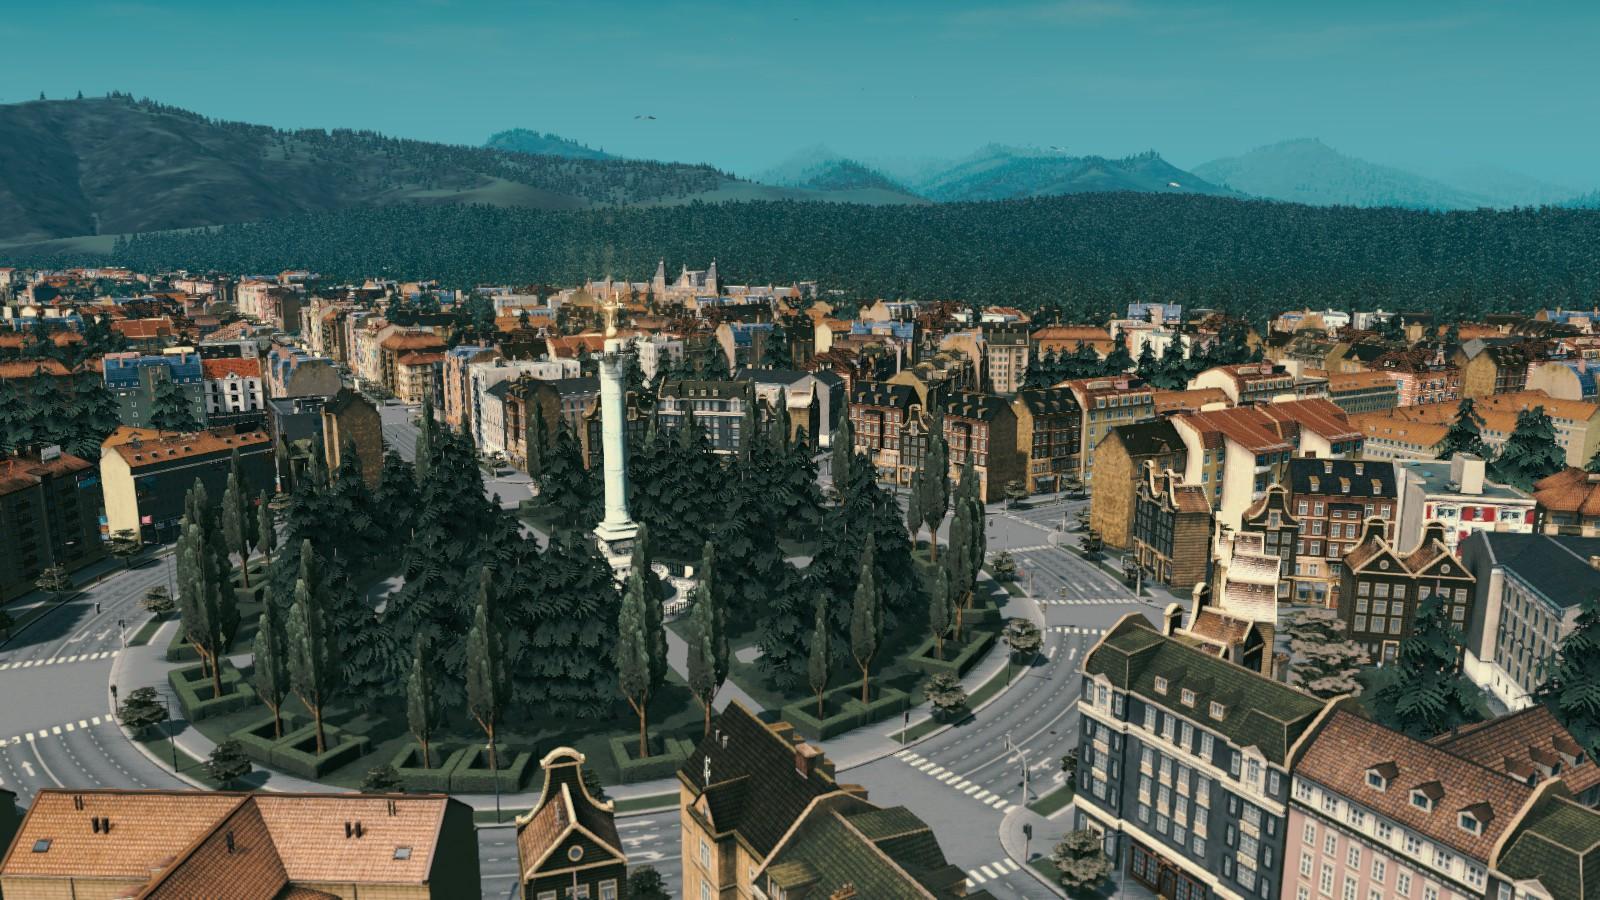 Royaume Norrois - Présentation des villes - Page 6 150531084412319083